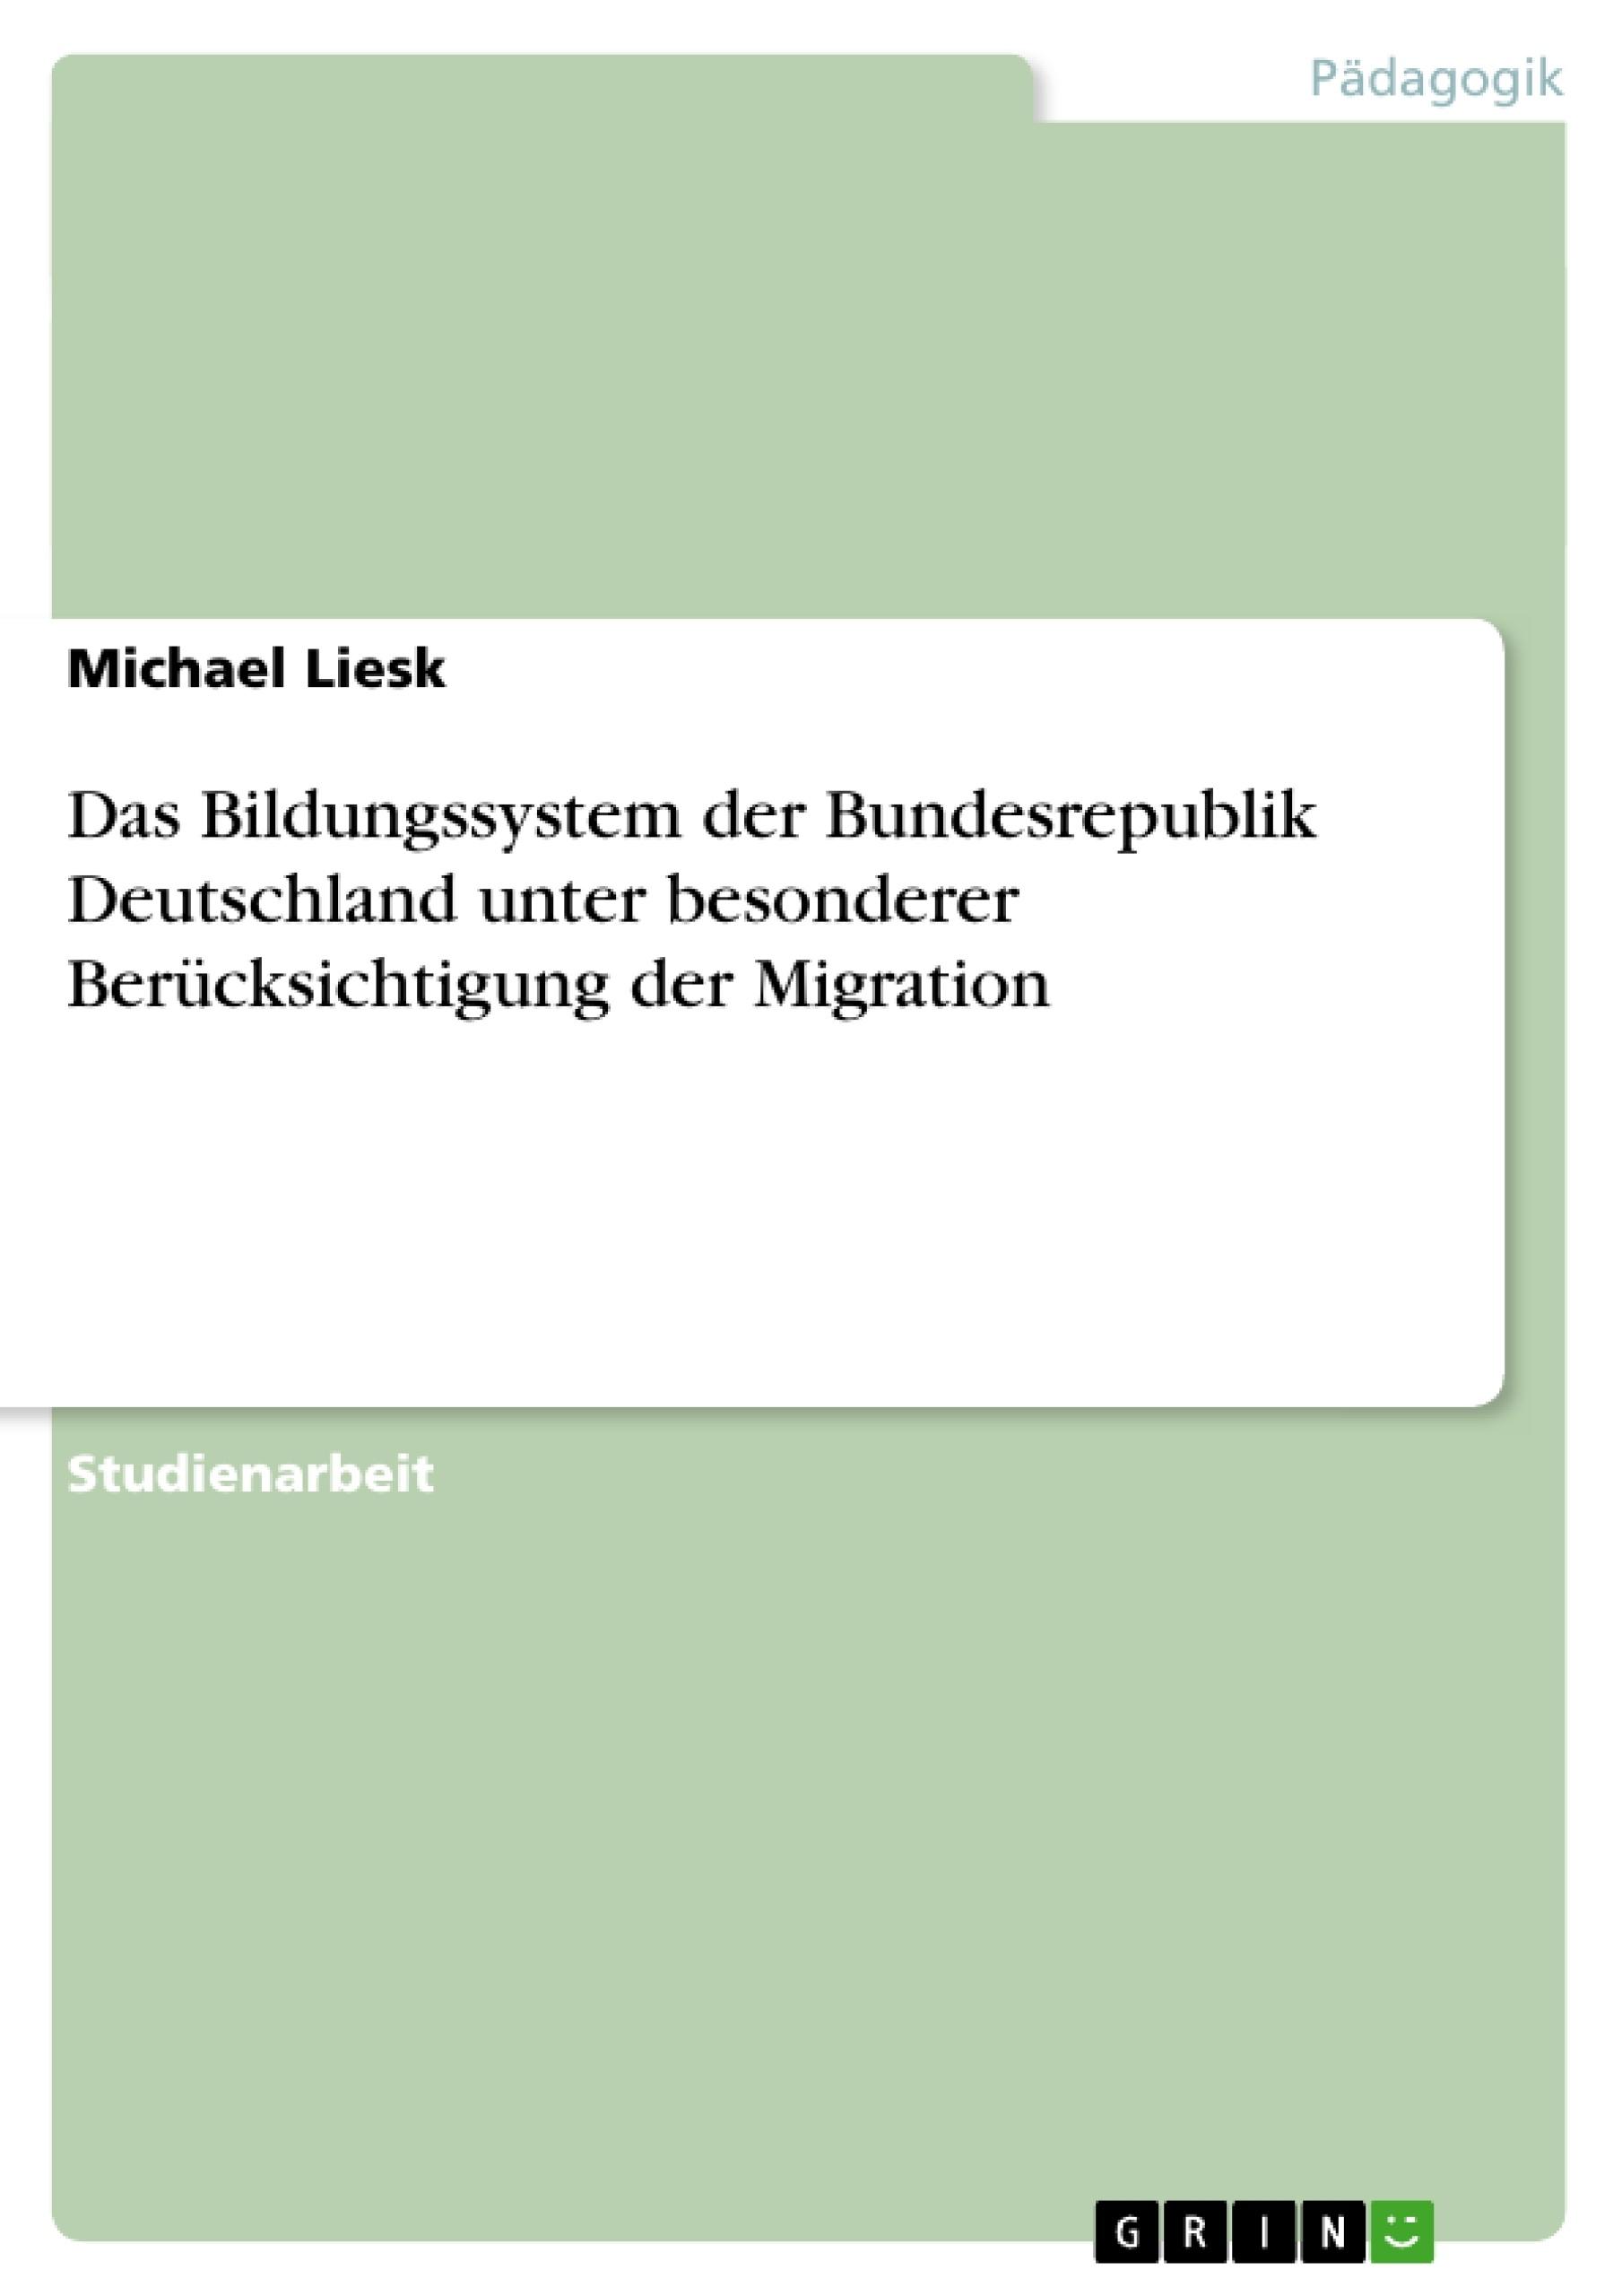 Titel: Das Bildungssystem der Bundesrepublik Deutschland unter besonderer Berücksichtigung der Migration